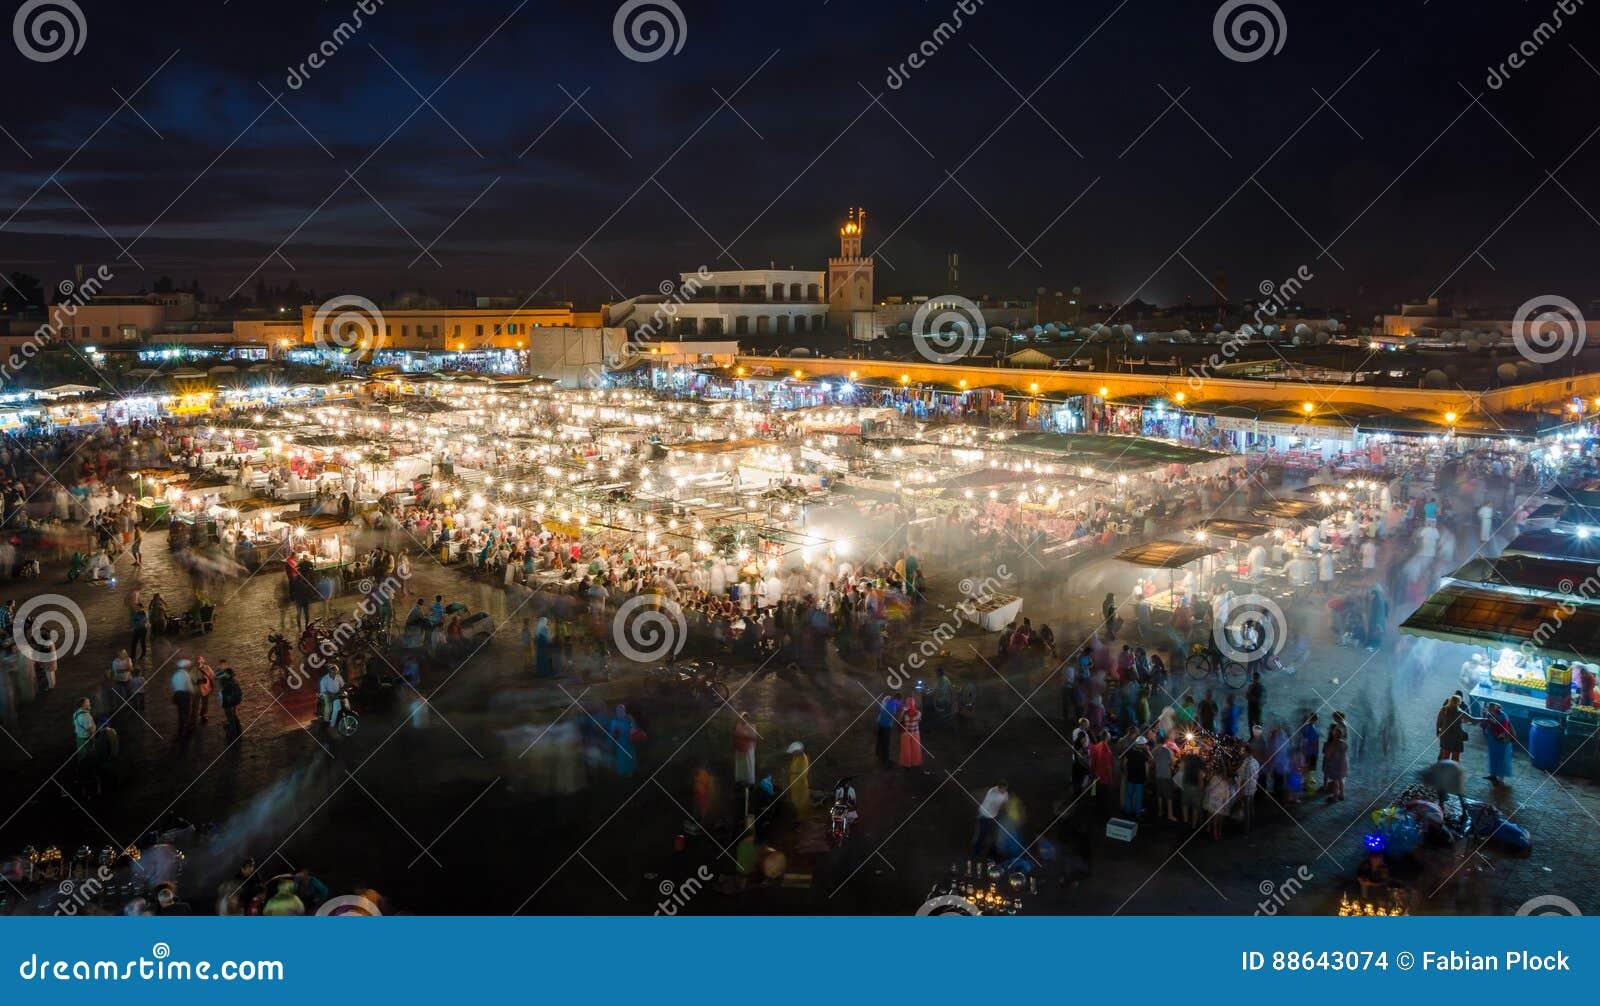 Beroemde vierkante Jemaa Gr Fna bezig met vele mensen en lichten tijdens de nacht, medina van Marrakech, Marokko